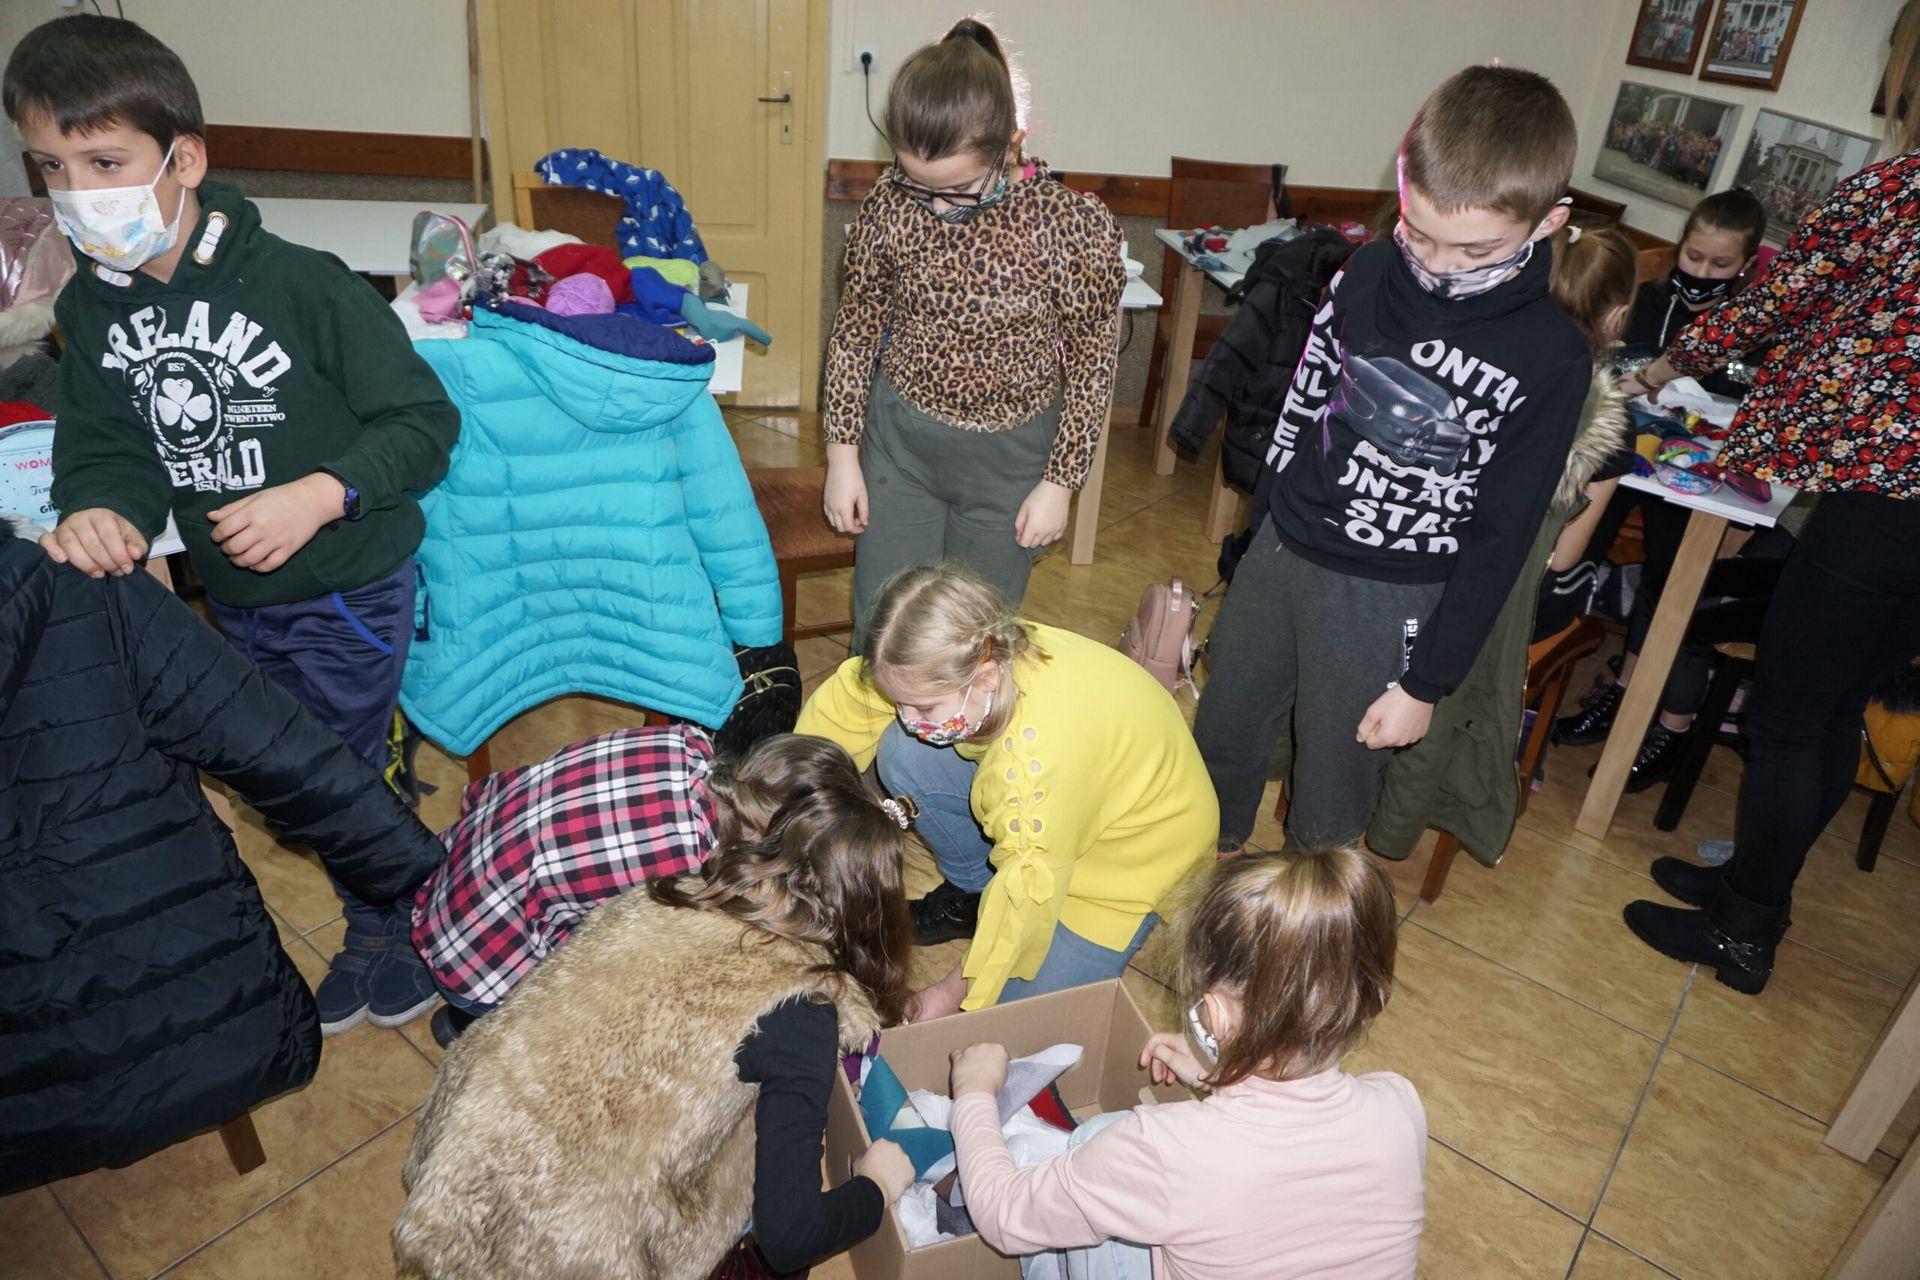 Dzieci stojące i wybierające materiały z różnych tkanin leżące na podłodze